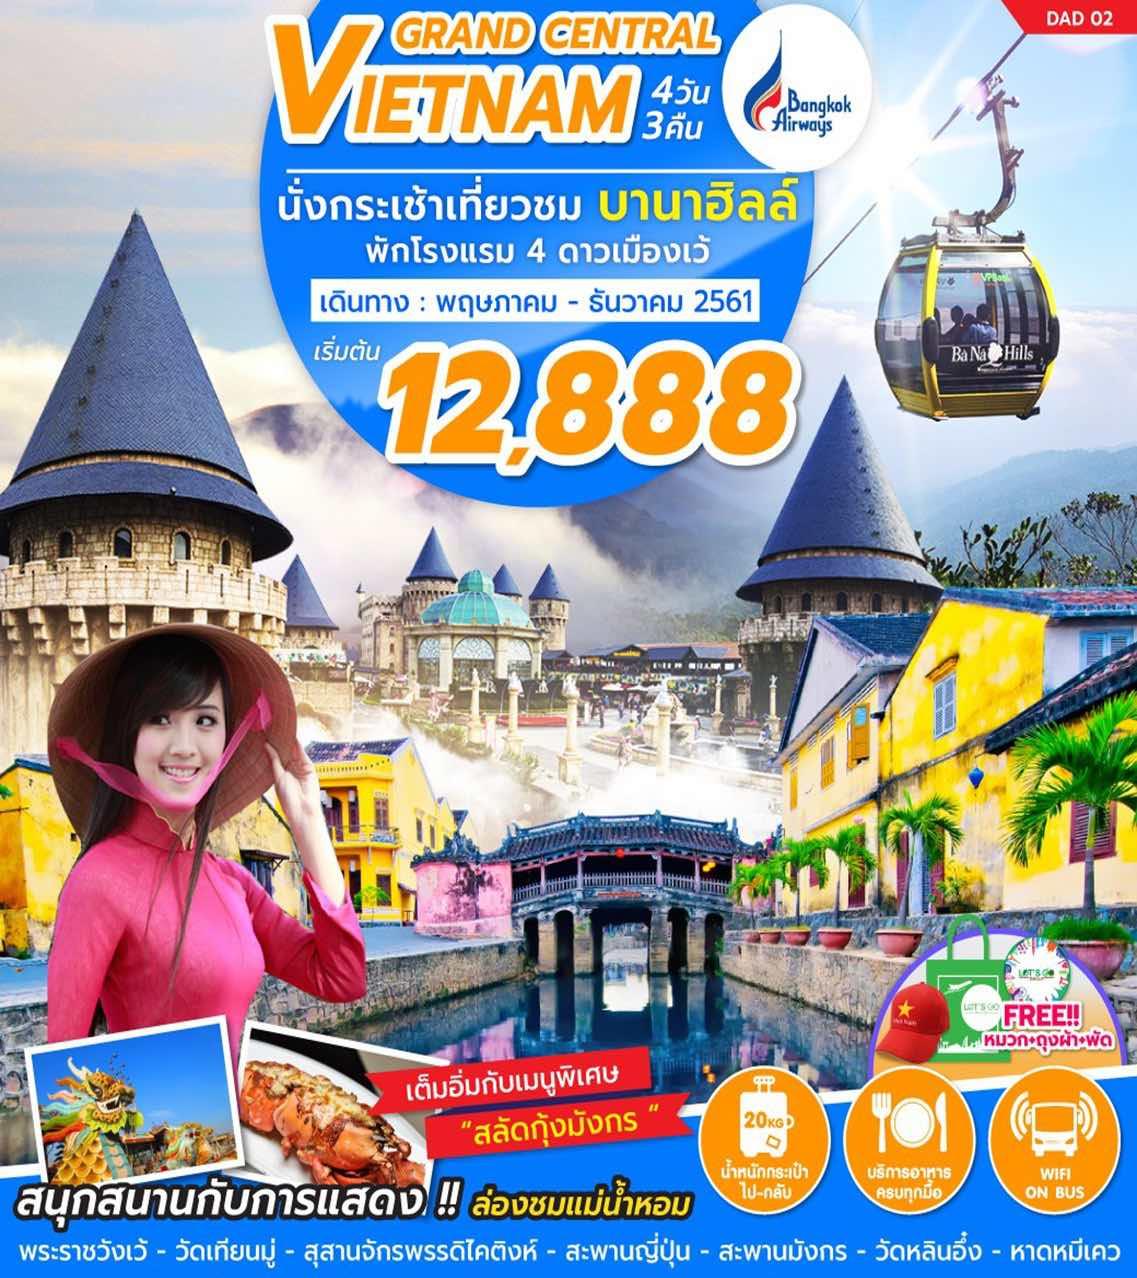 ซินจ่าวเวียดนามกลาง สุดคุ้ม!! เว้-ดานัง-ฮอยอัน 4 วัน 3 คืน โดย Bangkok Airways